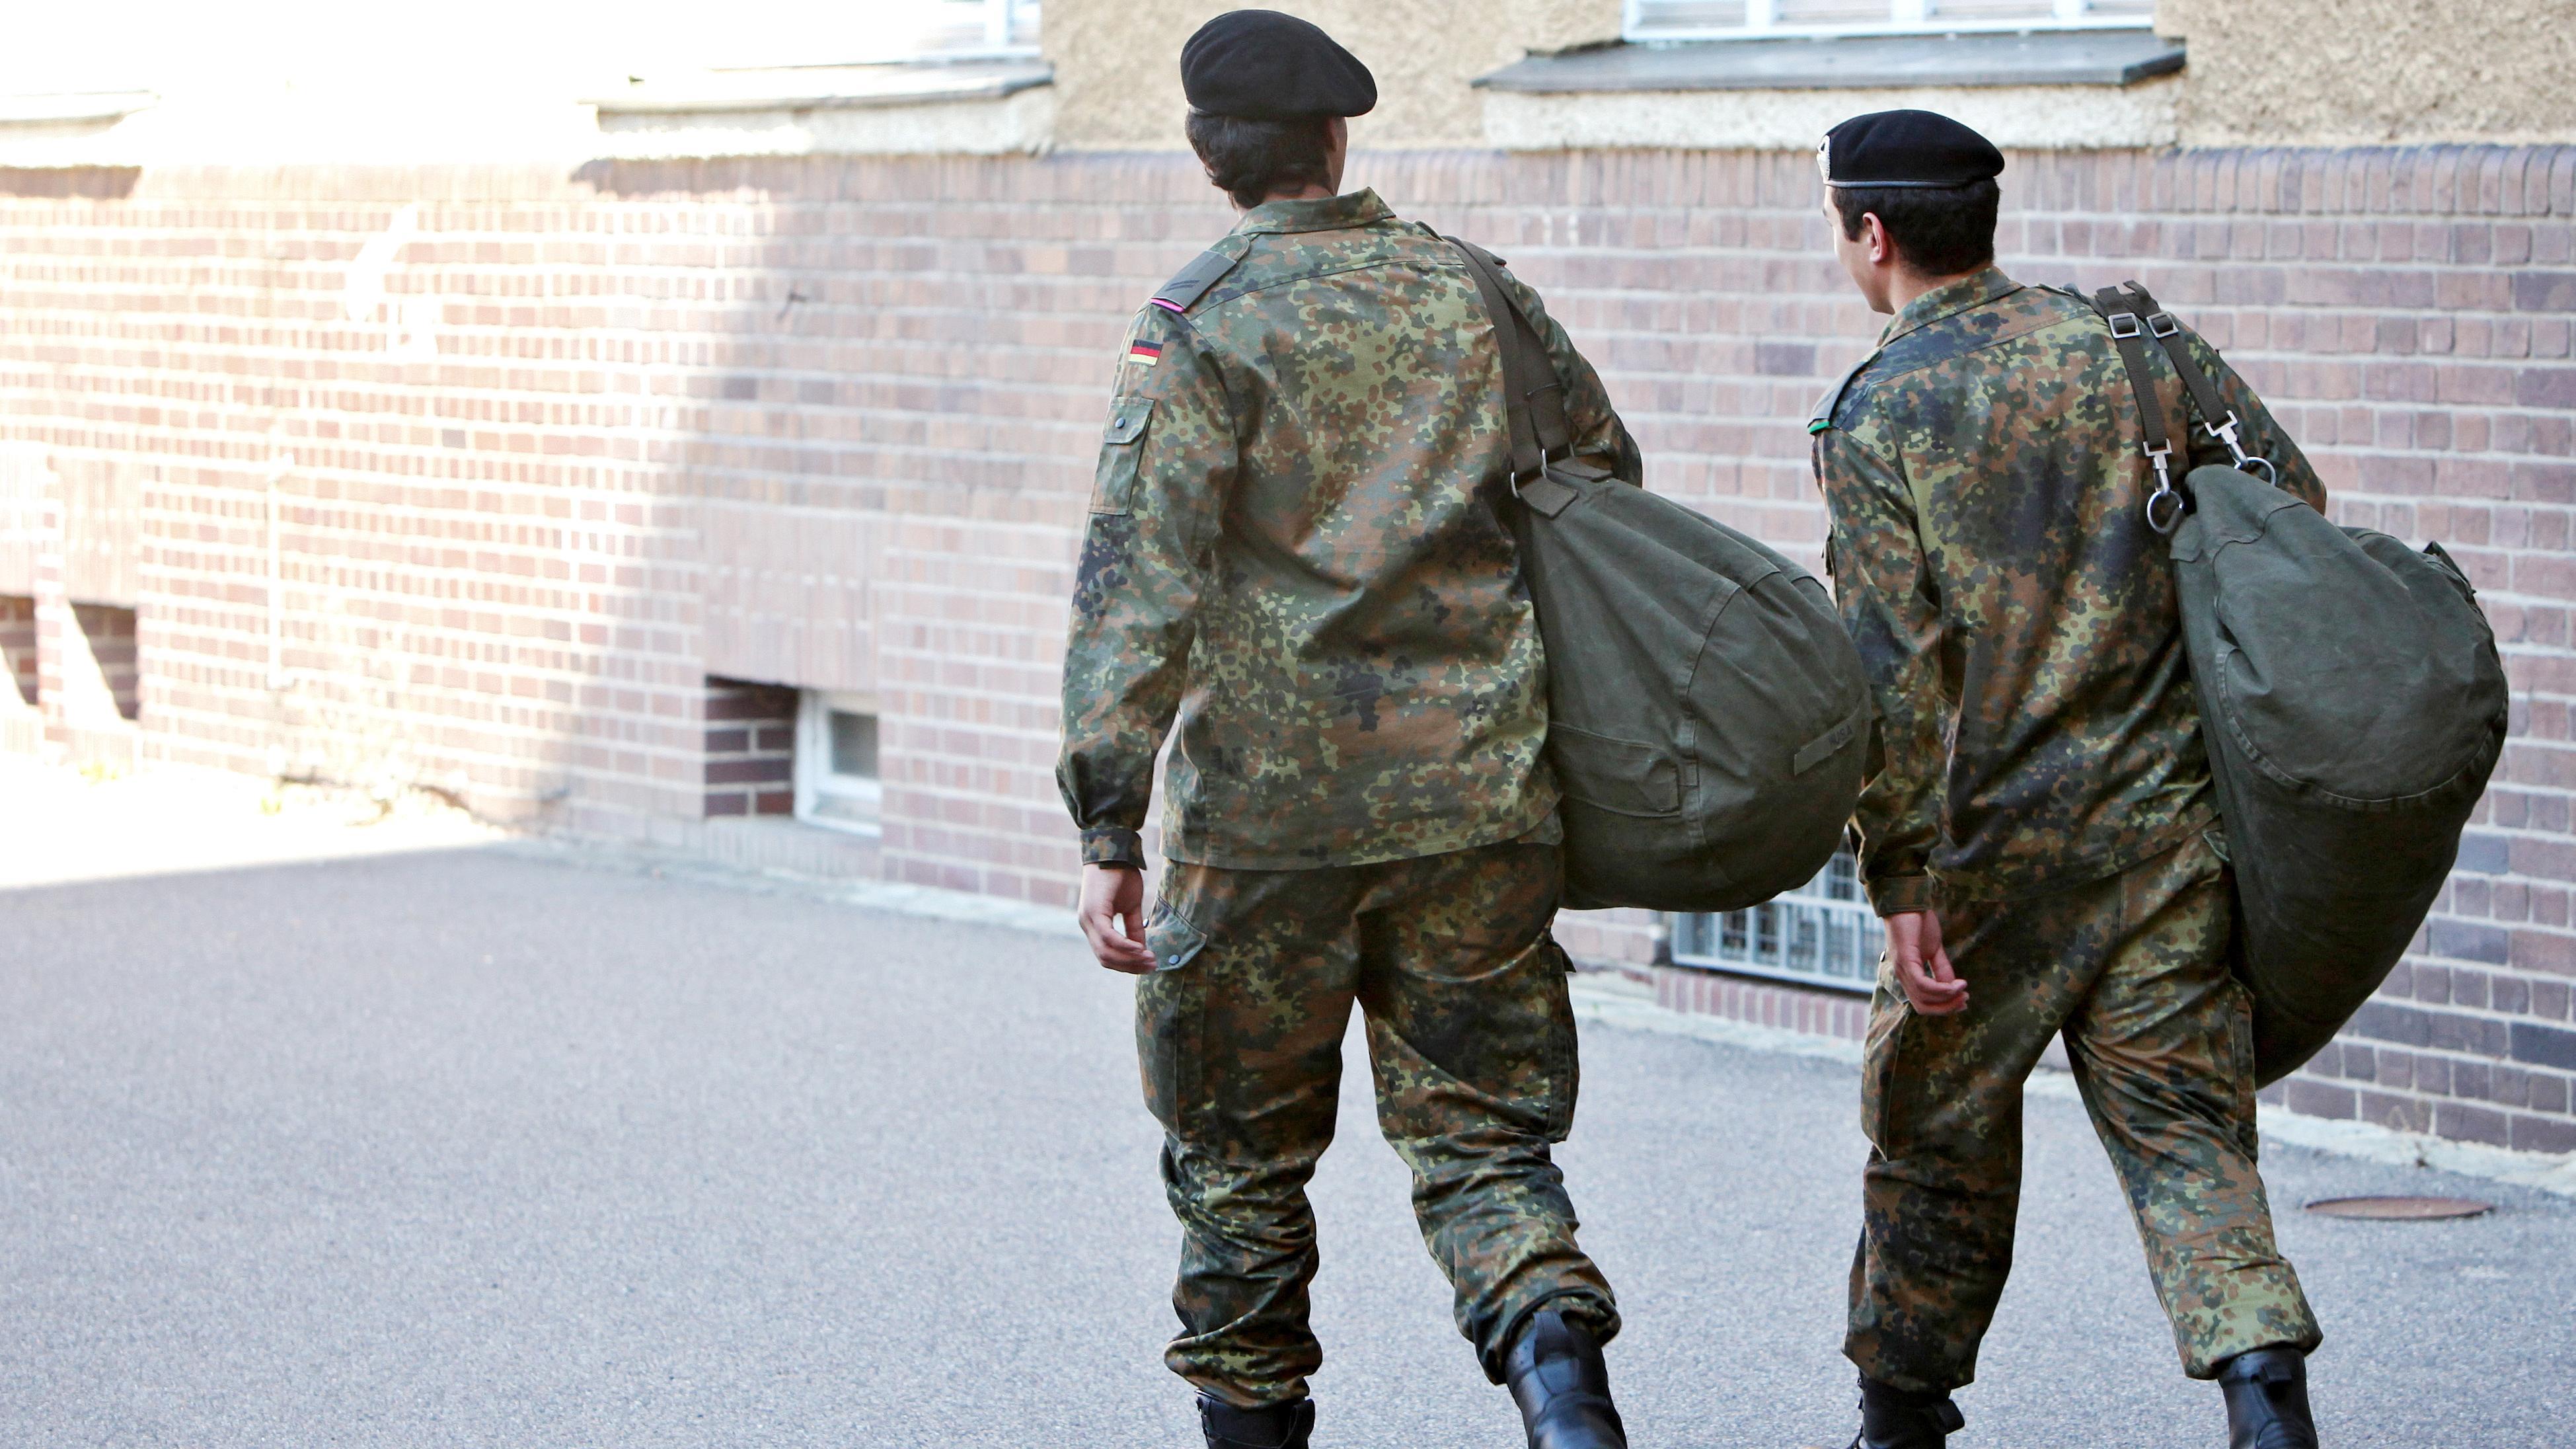 Amberg ist keine Bundeswehrstandort mehr: Nach 300 Jahren verlassen im April die letzten Soldaten die Stadt.